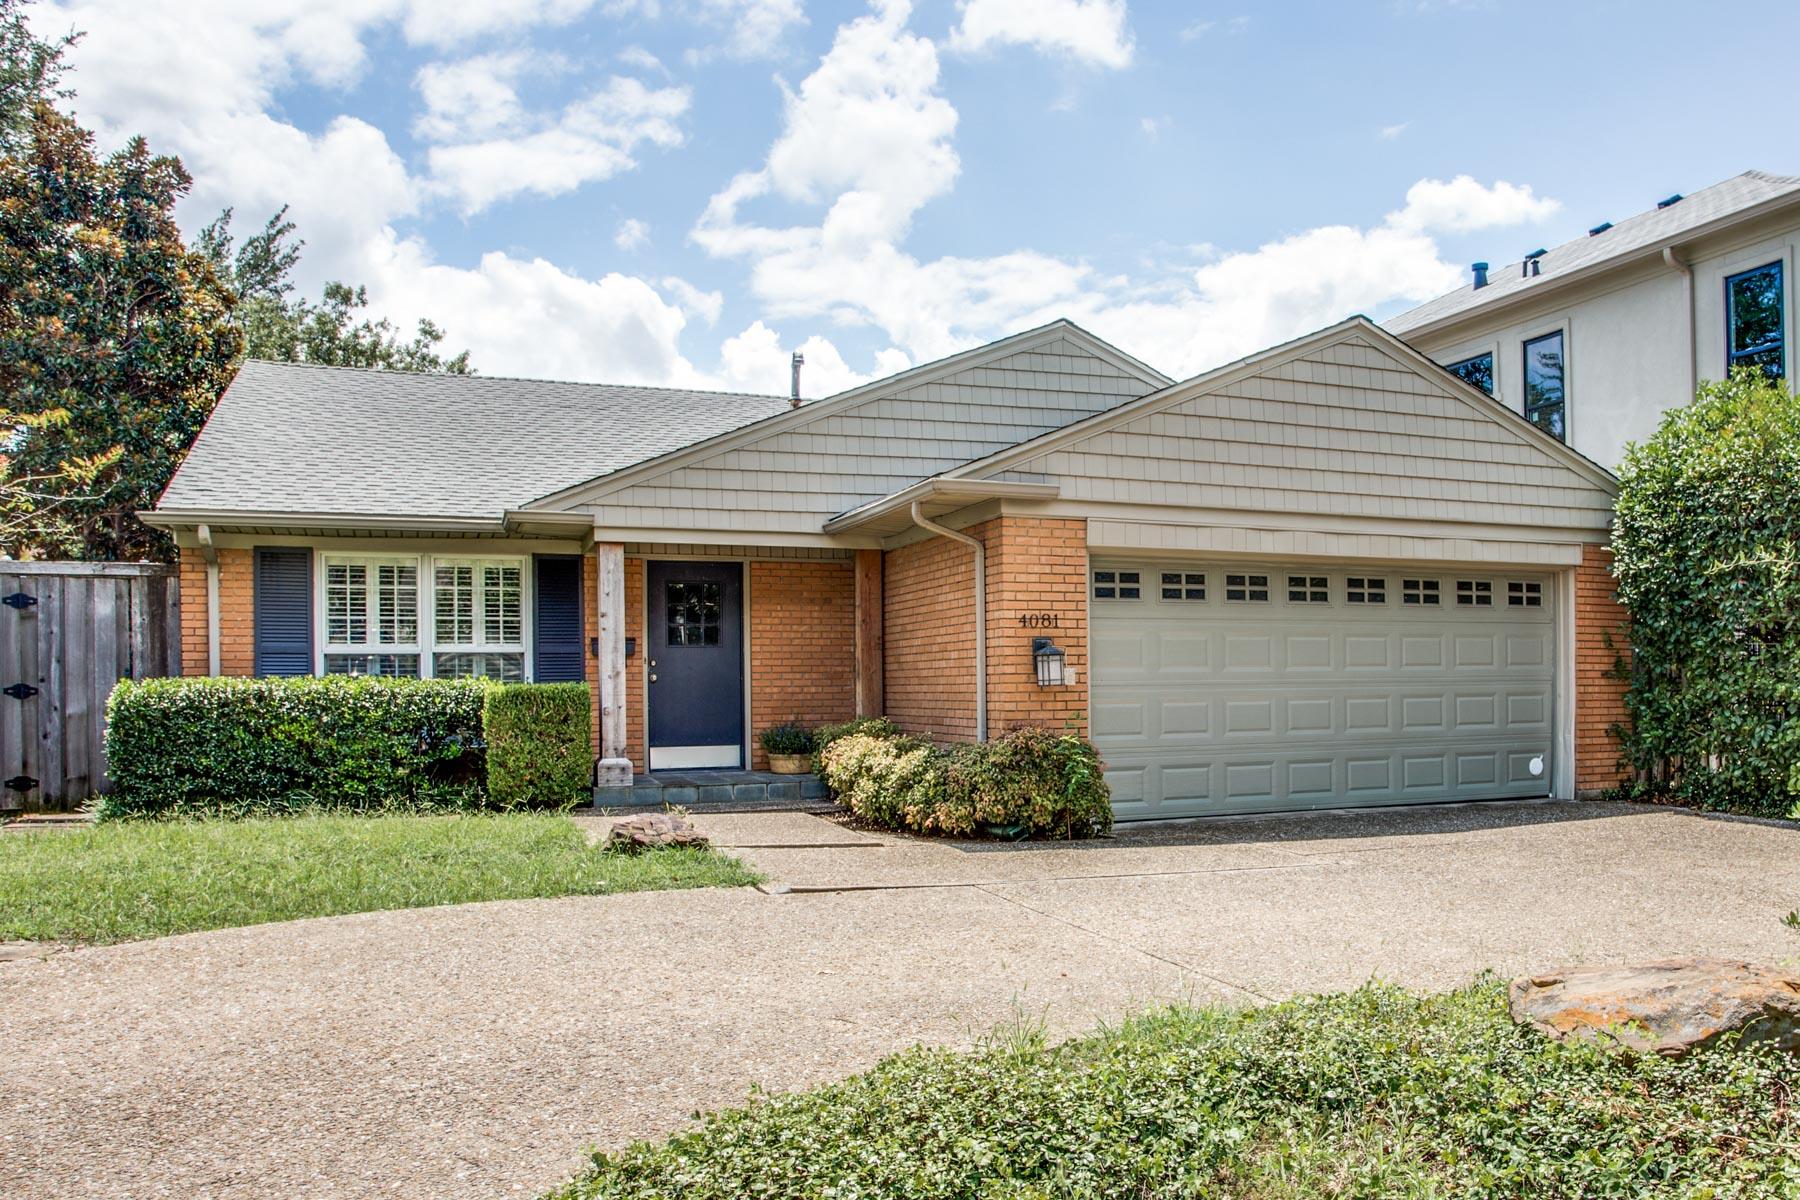 واحد منزل الأسرة للـ Sale في Cottage in University Park 4081 Amherst Avenue University Park, Texas, 75225 United States